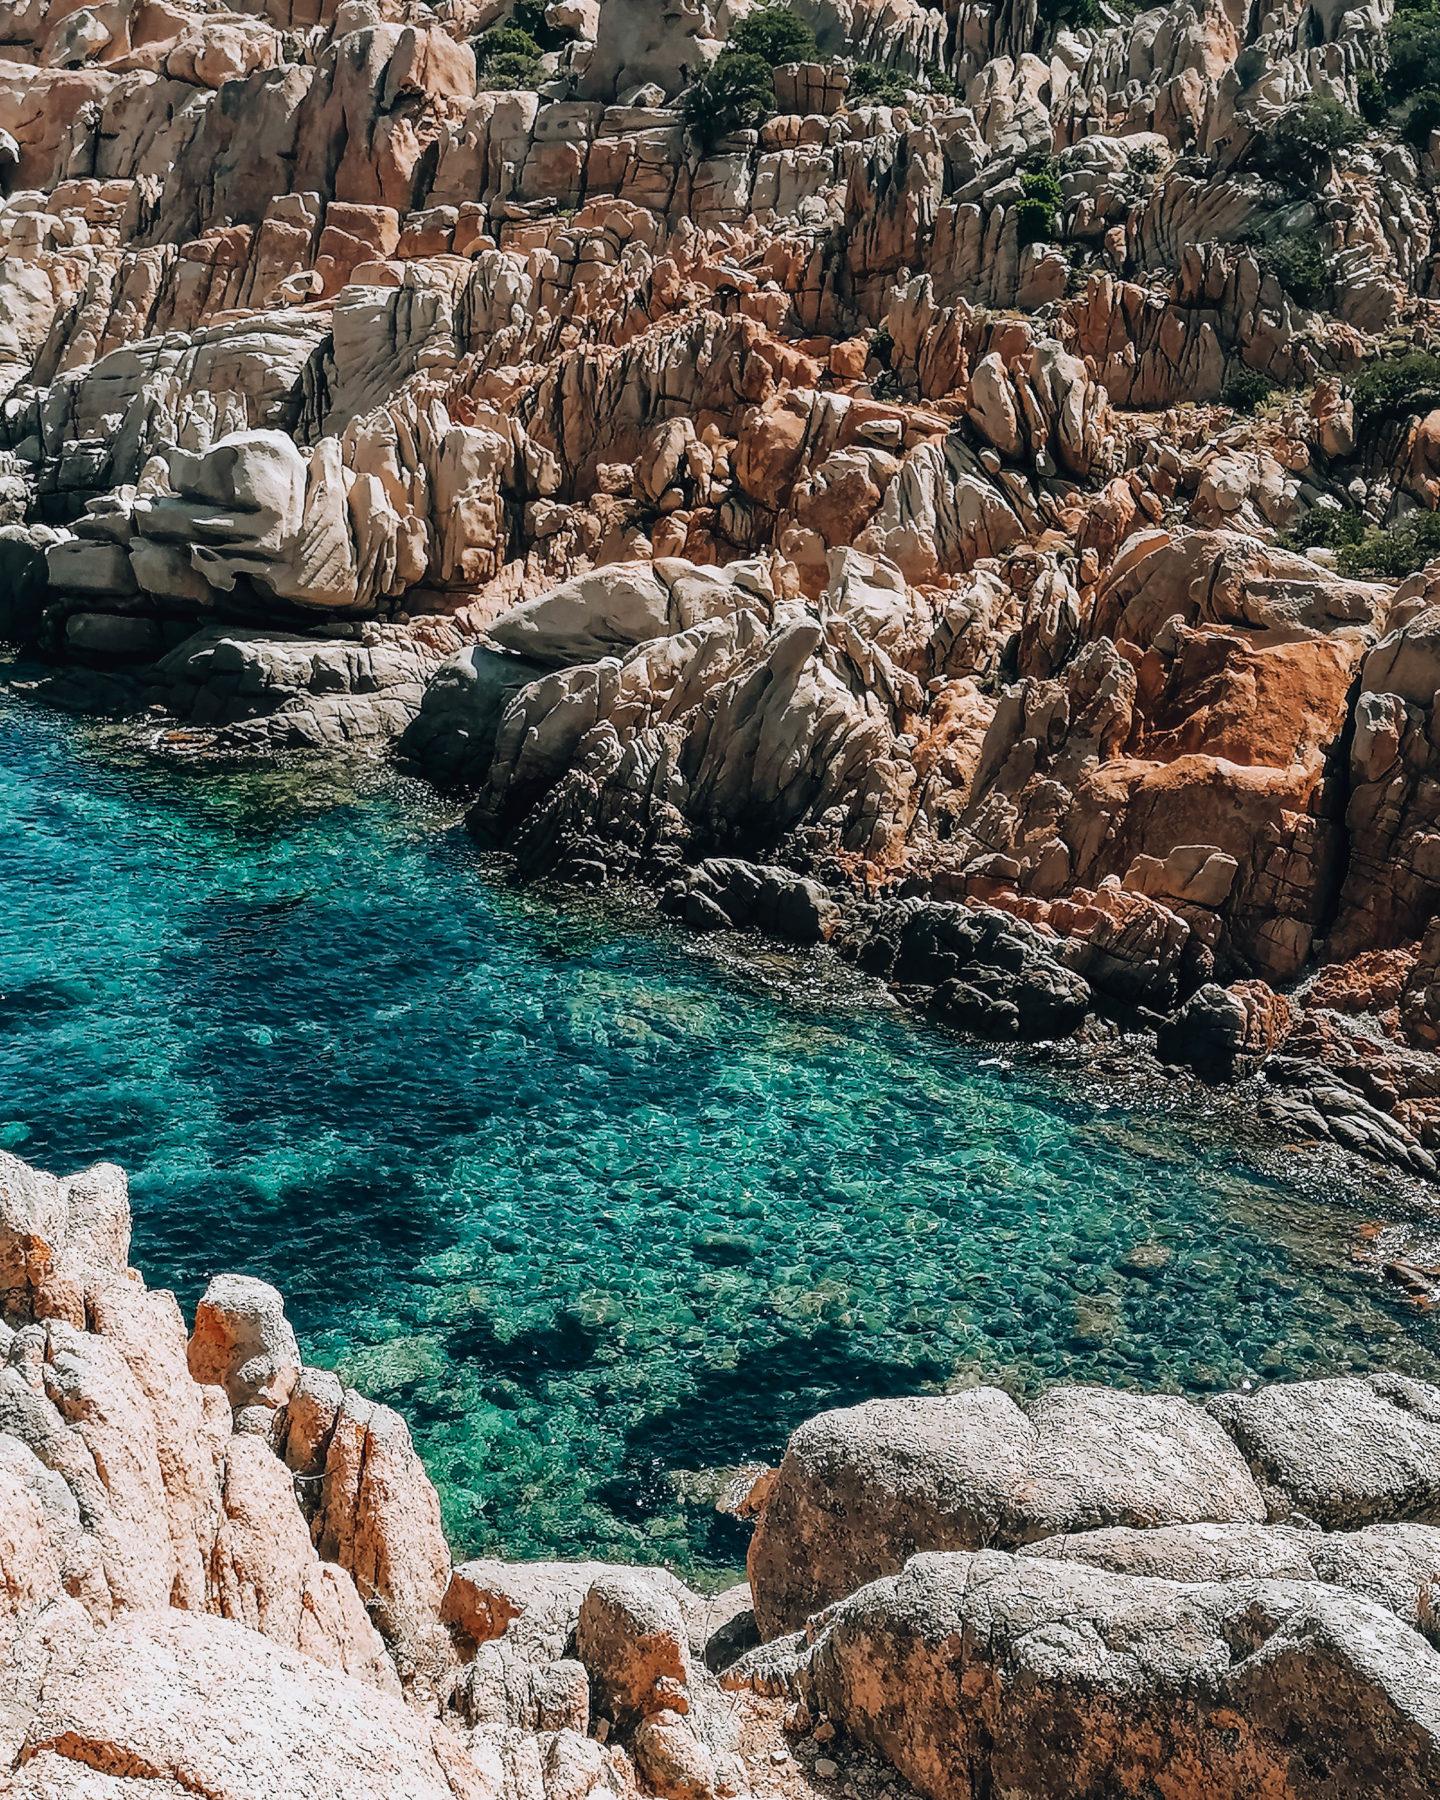 acqua trasparente circondata da rocce granitiche